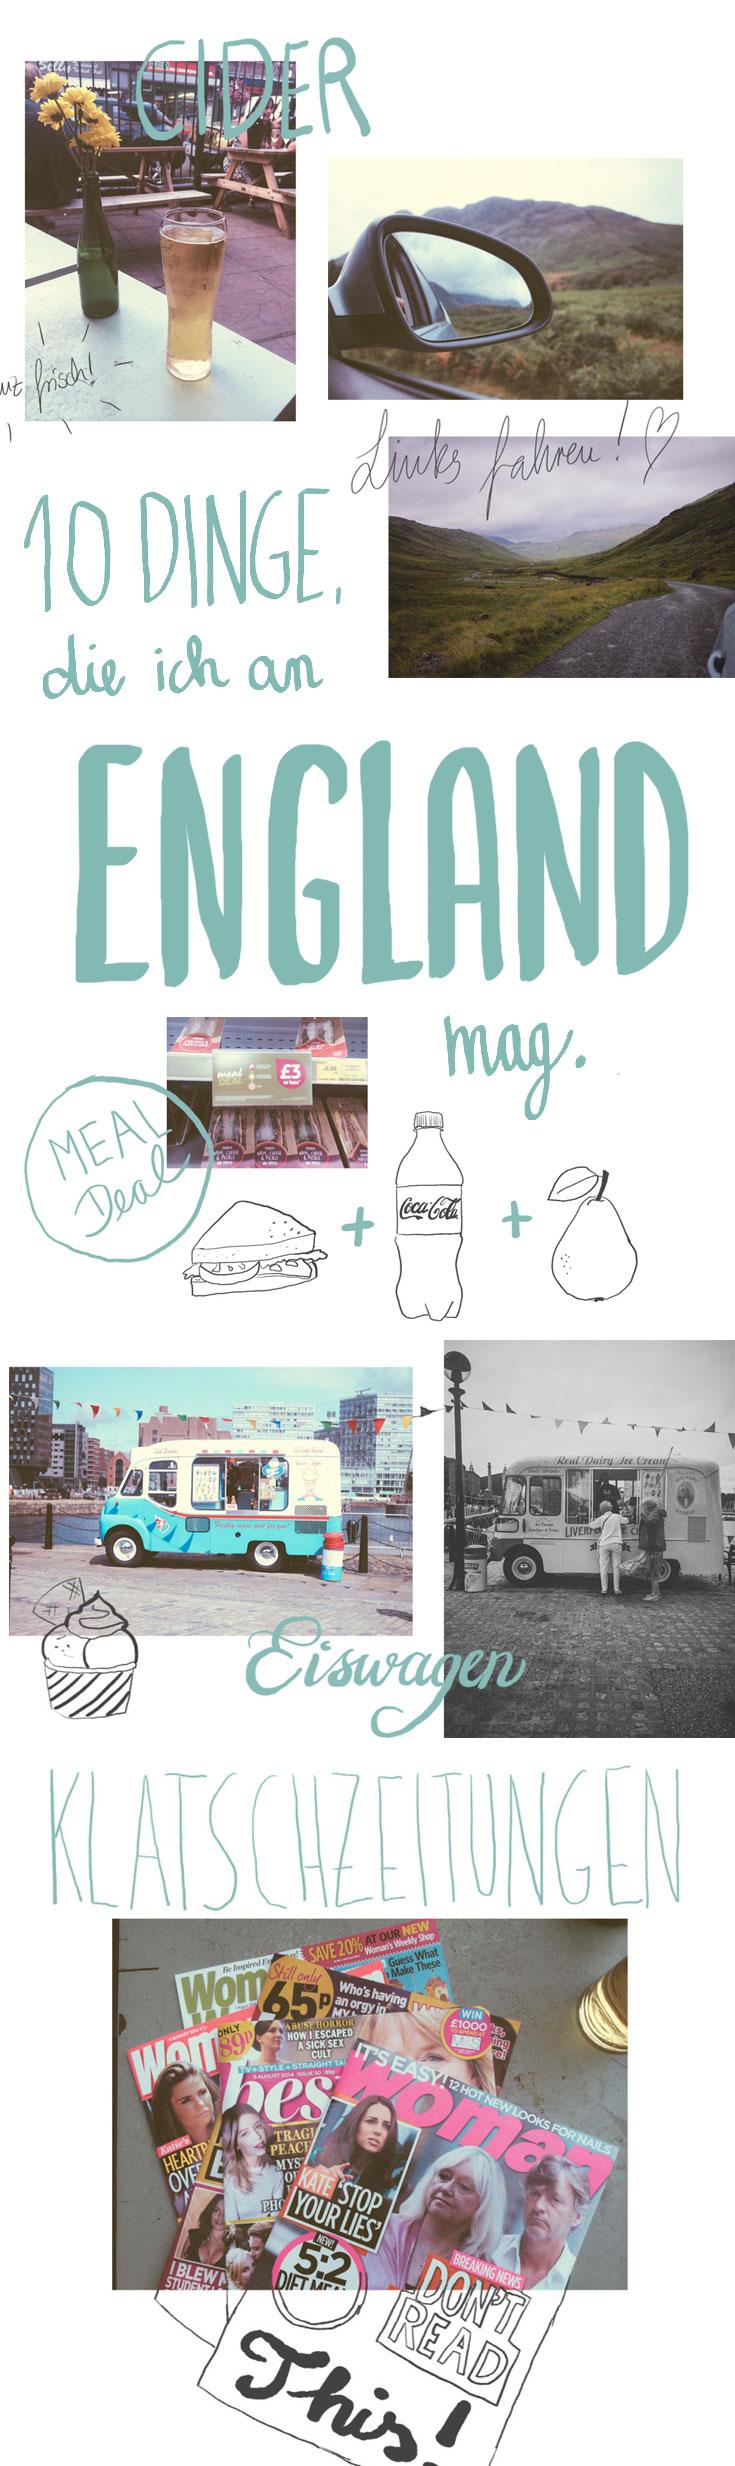 Klatschzeitungen, pittoreske Eiswagen, frisch gezapfter Cider und echte Geisterschlösser sind nur ein paar der Dinge, die einen Urlaub in England so einzigartig machen.